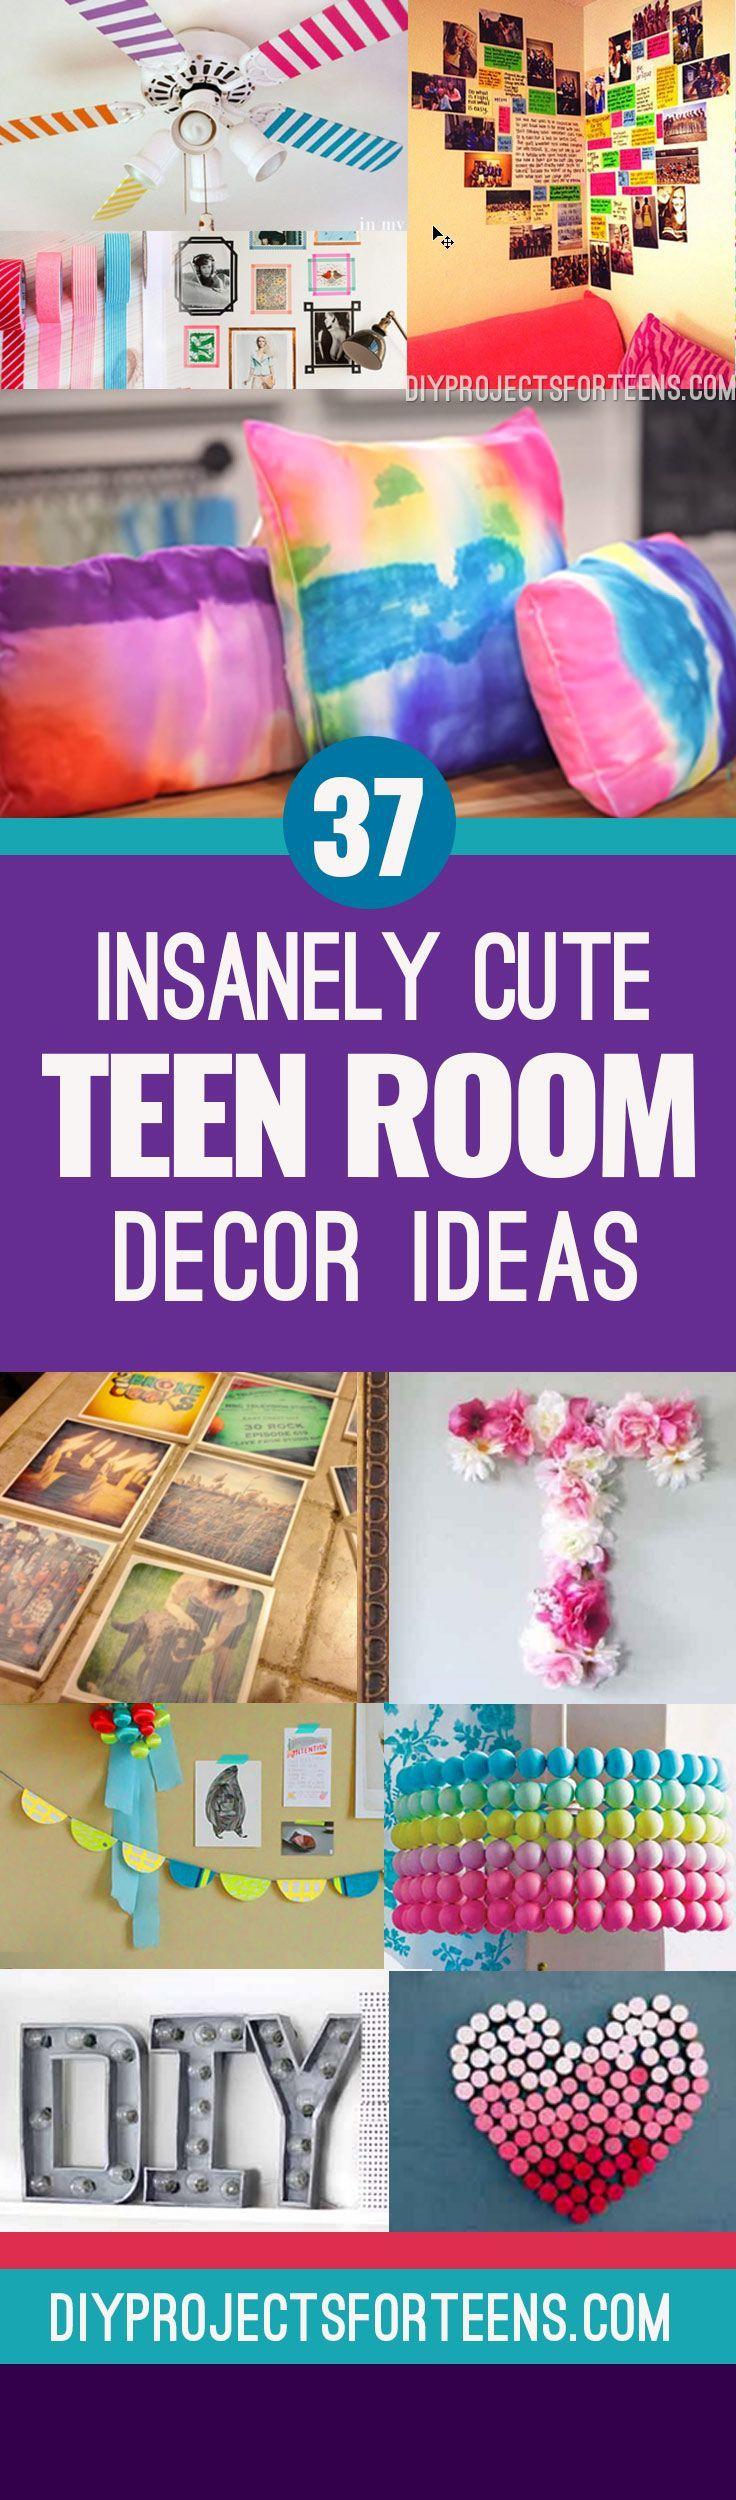 Cute DIY Room Decor Ideas For Teens   Best DIY Room Decor Ideas From  Pinterest,